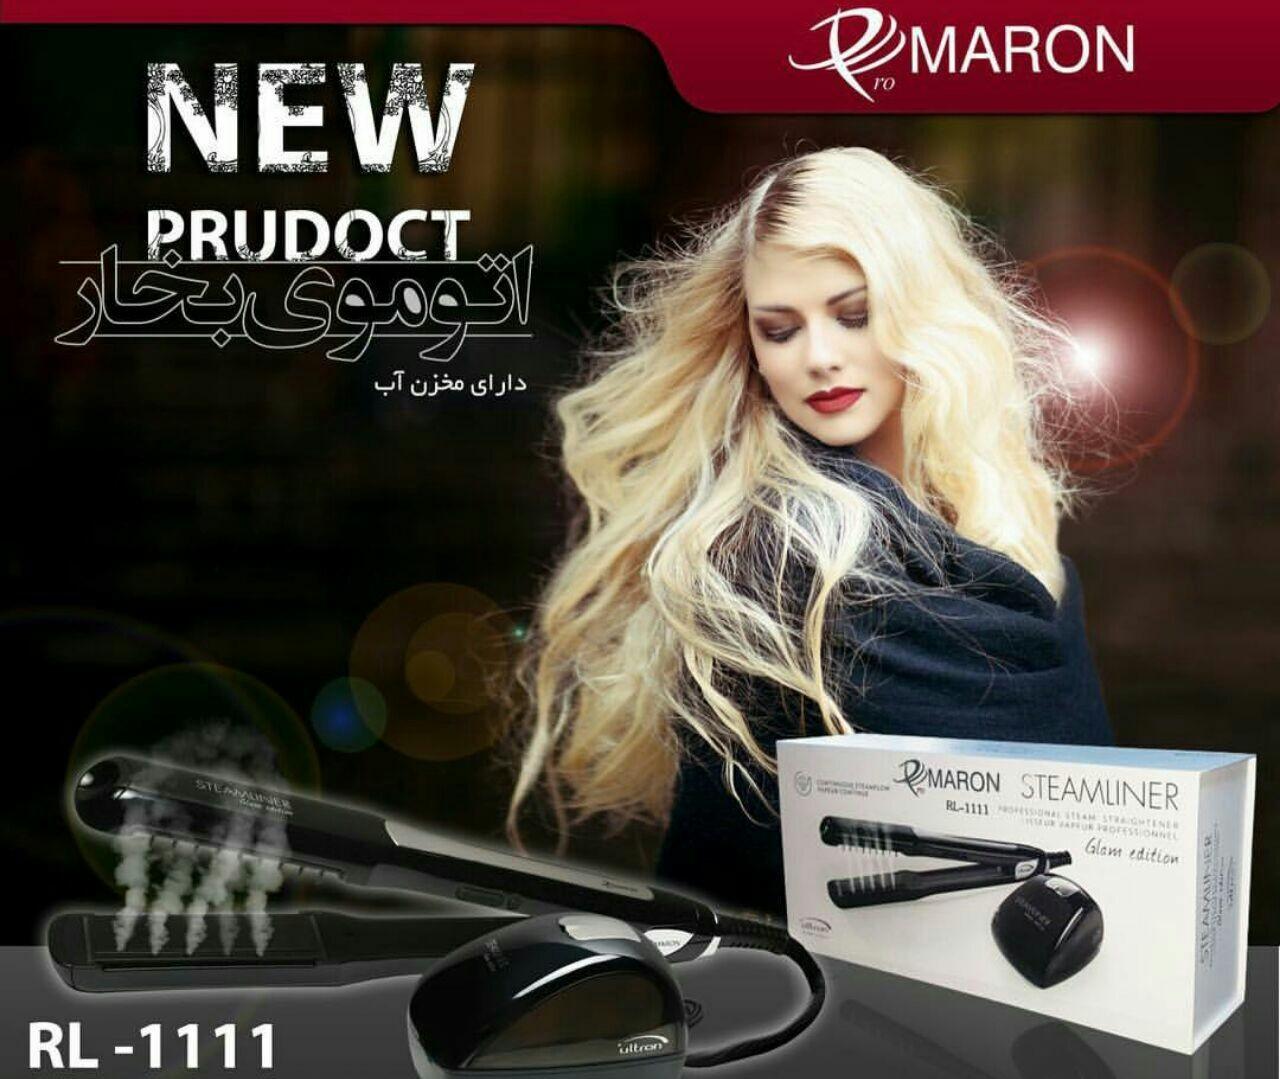 اتو موی بخار دار Promaron